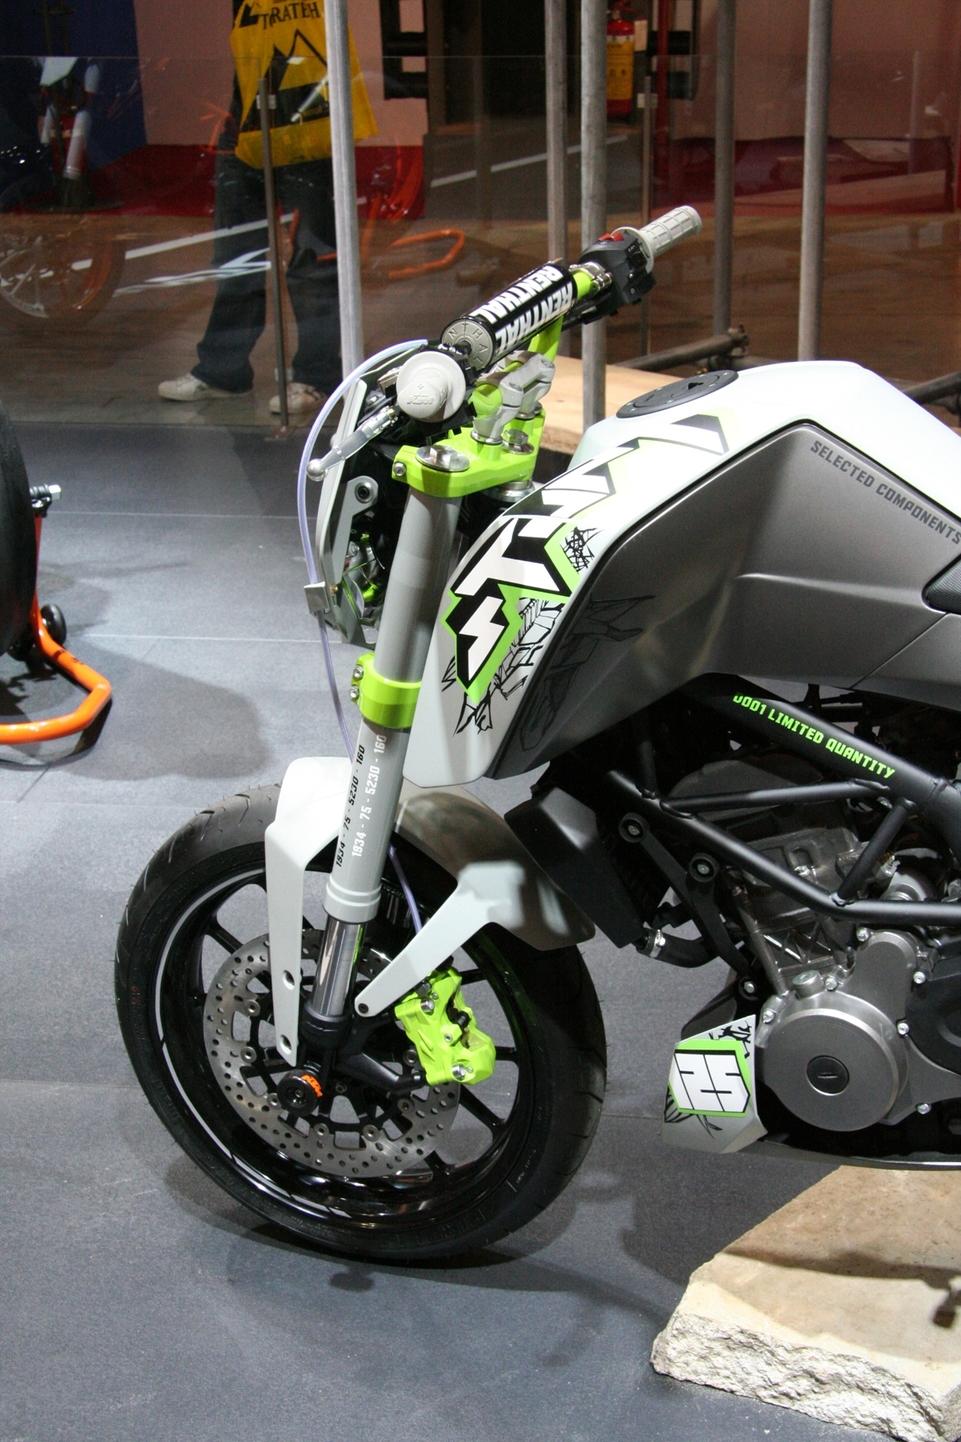 Salon de Milan 2009 en direct : Le KTM 125 Concept